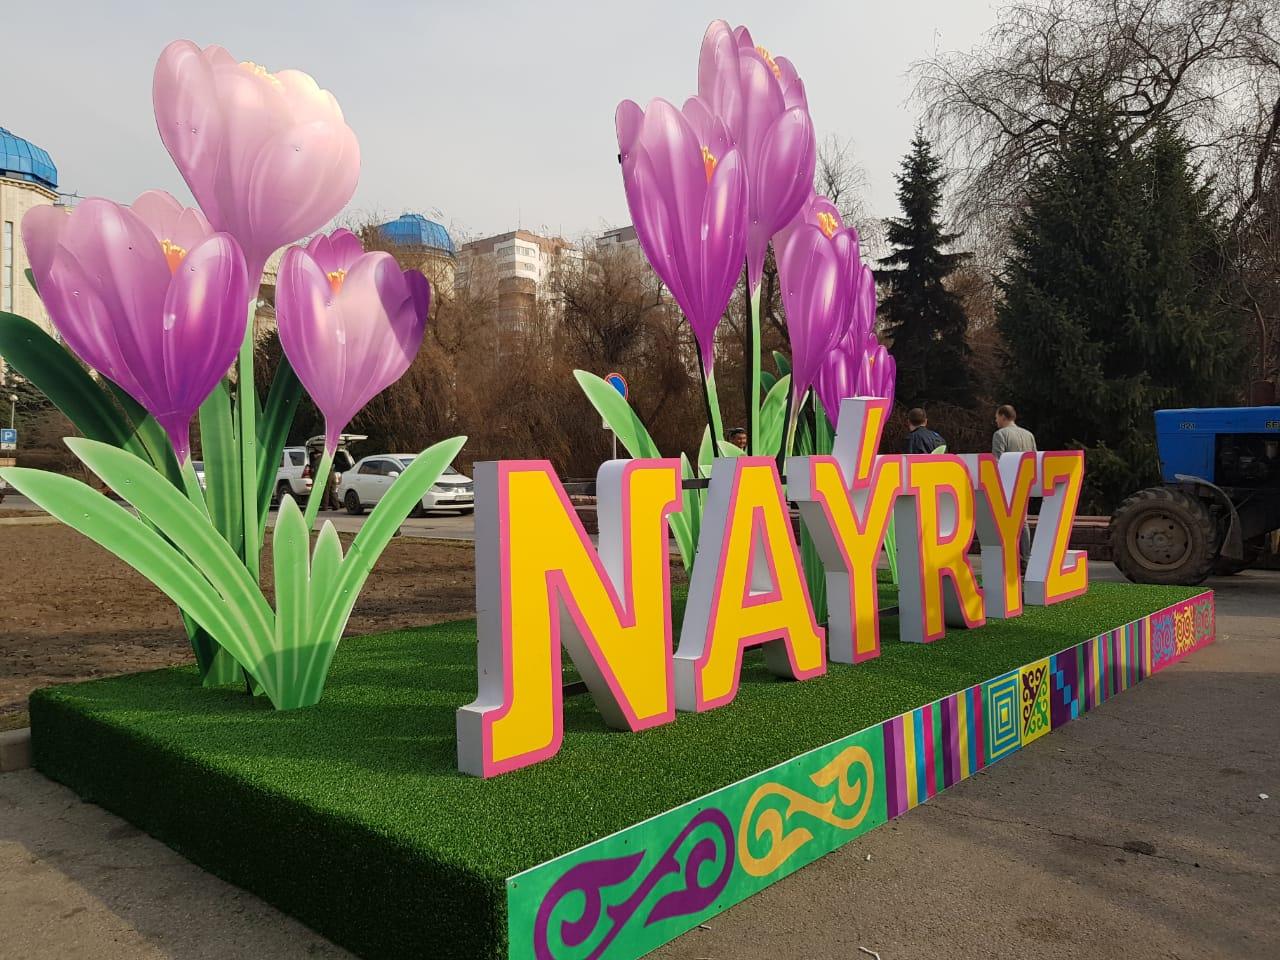 Касым-Жомарта Токаева поздравляют с Наурызом